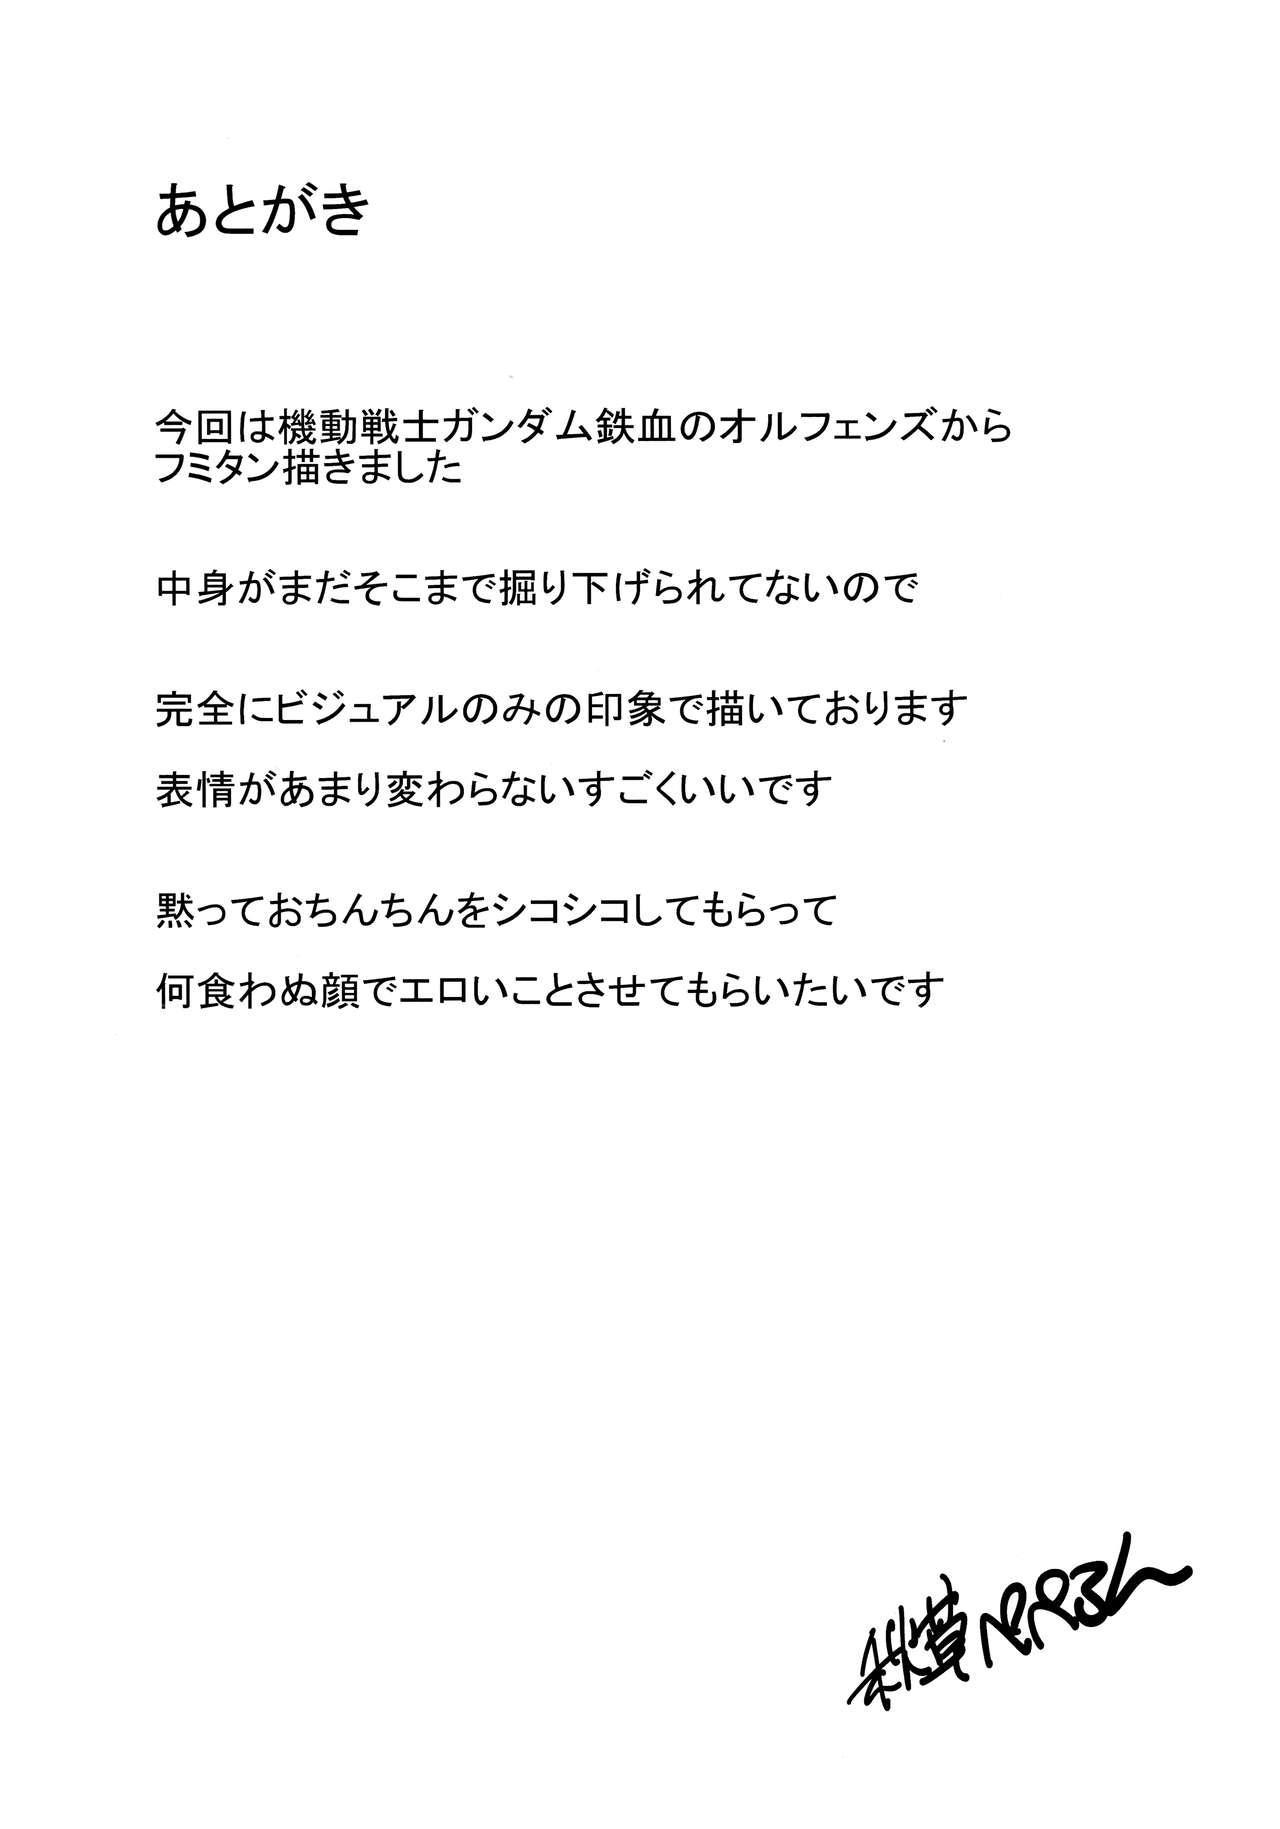 Gohoushi Fumitan Chingui no Zukobakos 17